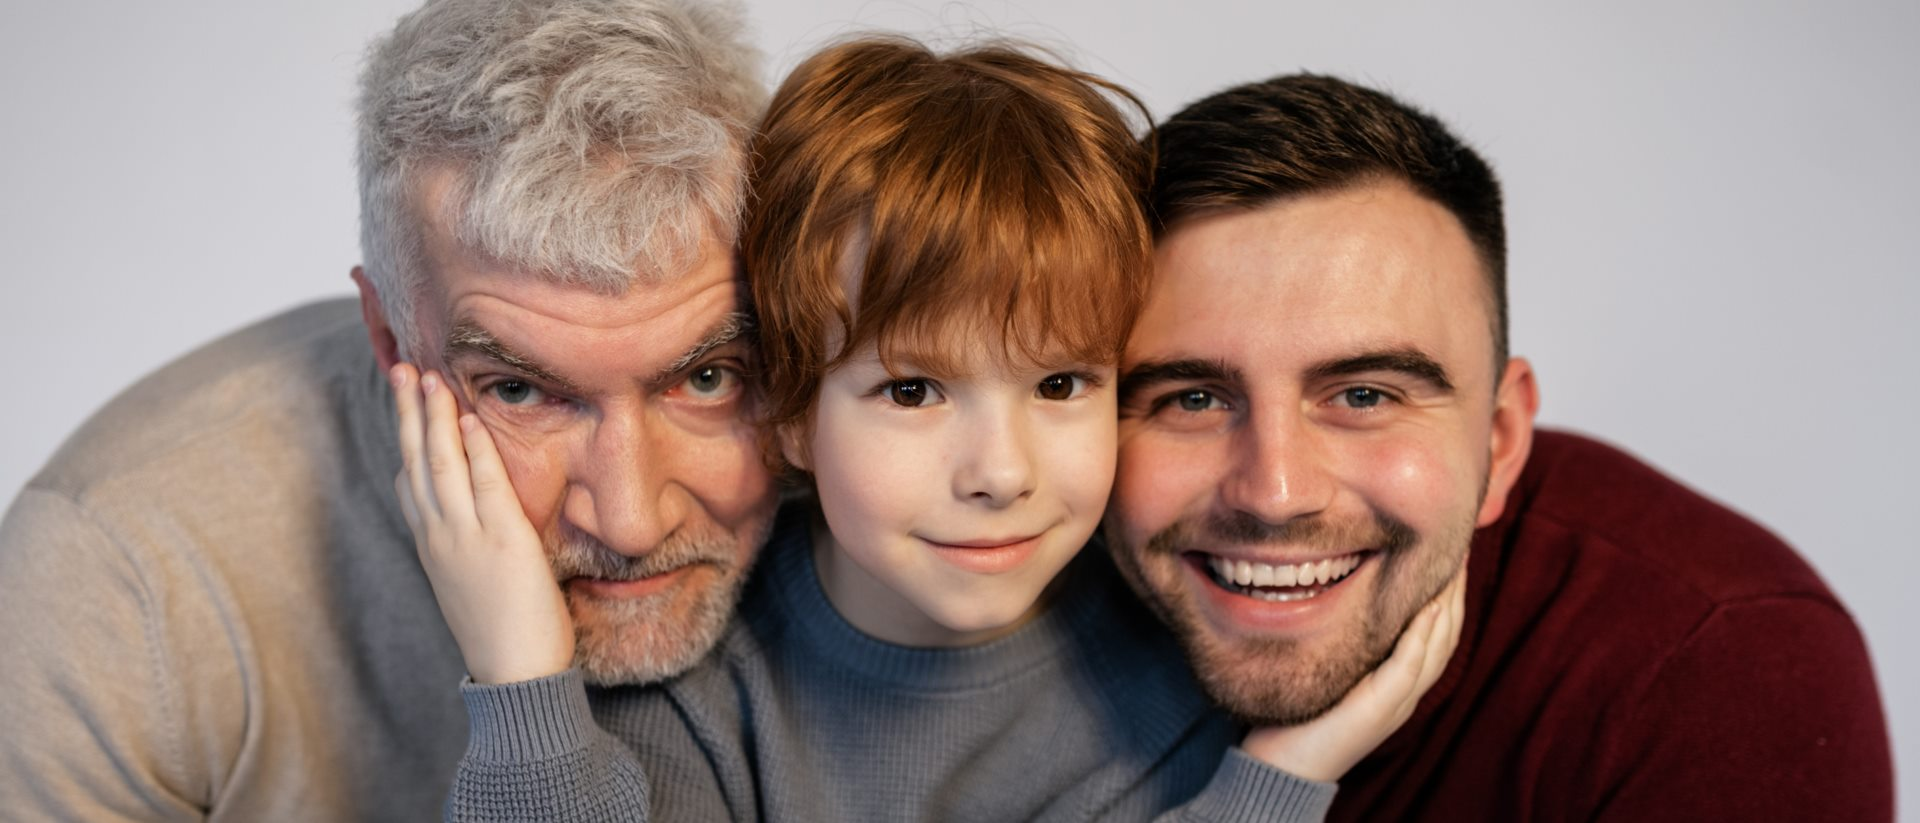 Jugend & Senioren: generationenübergreifend zusammen gestalten